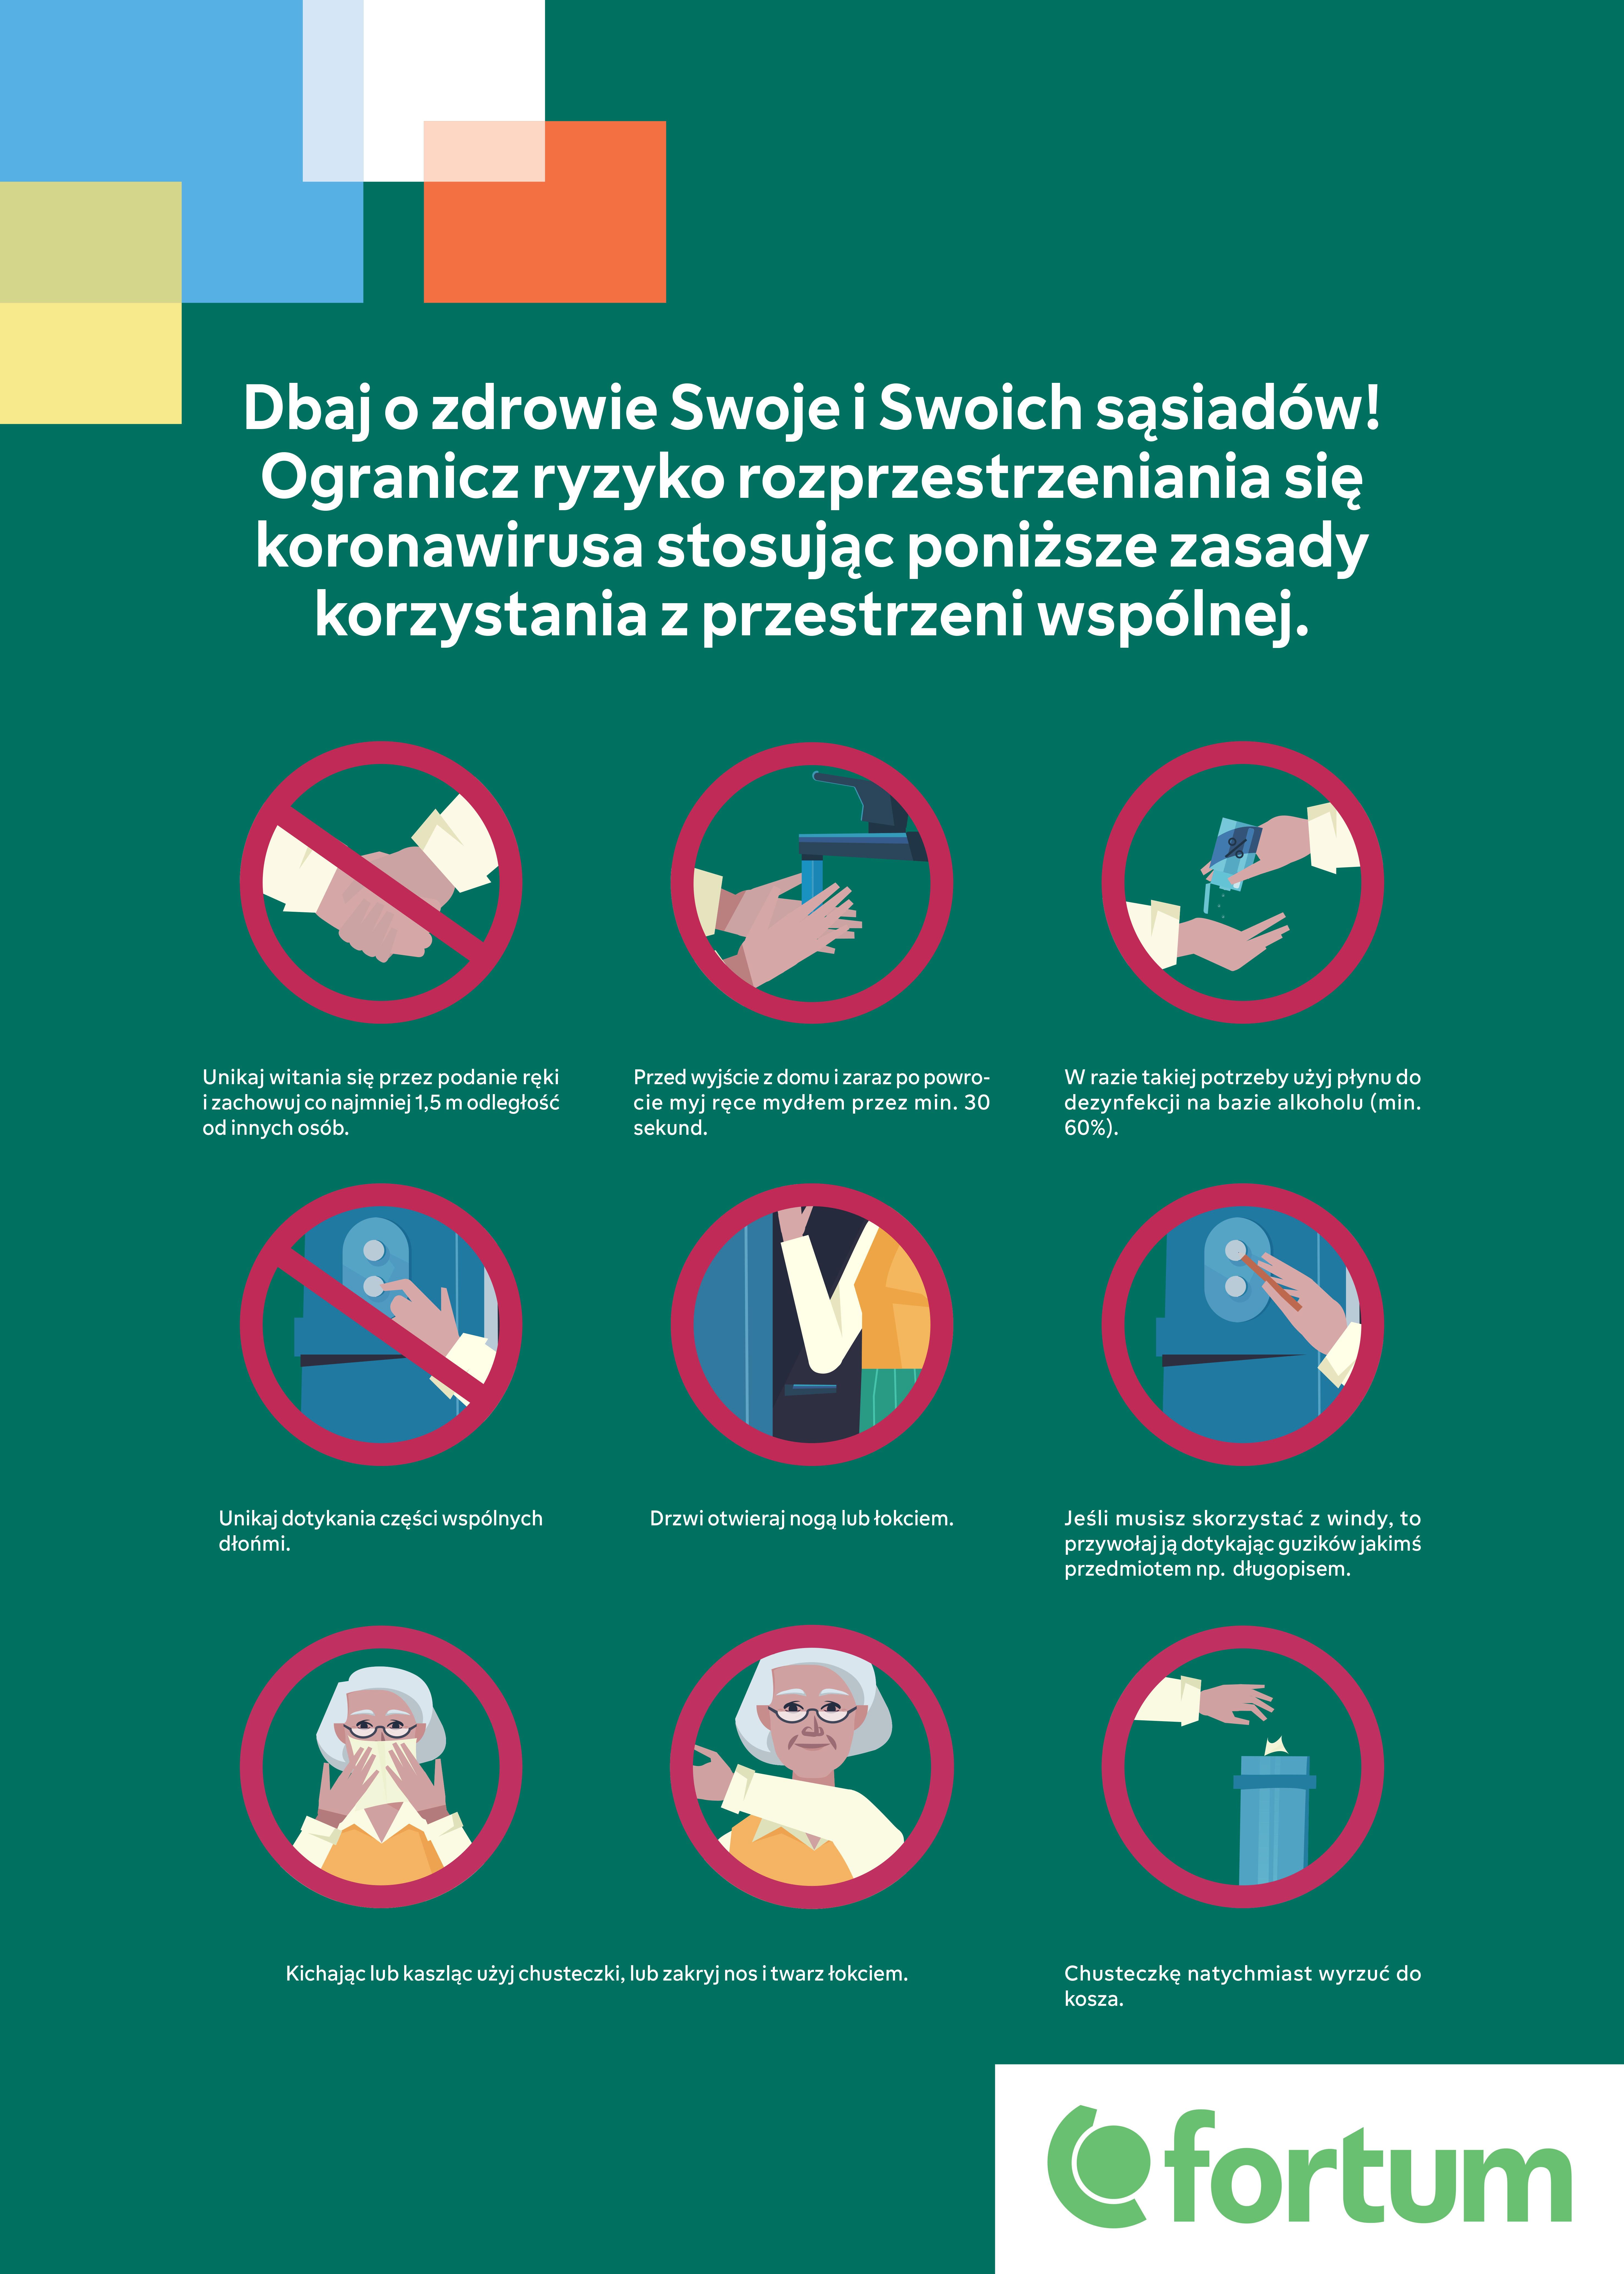 infografika przedstawiająca dobre praktyki higieny